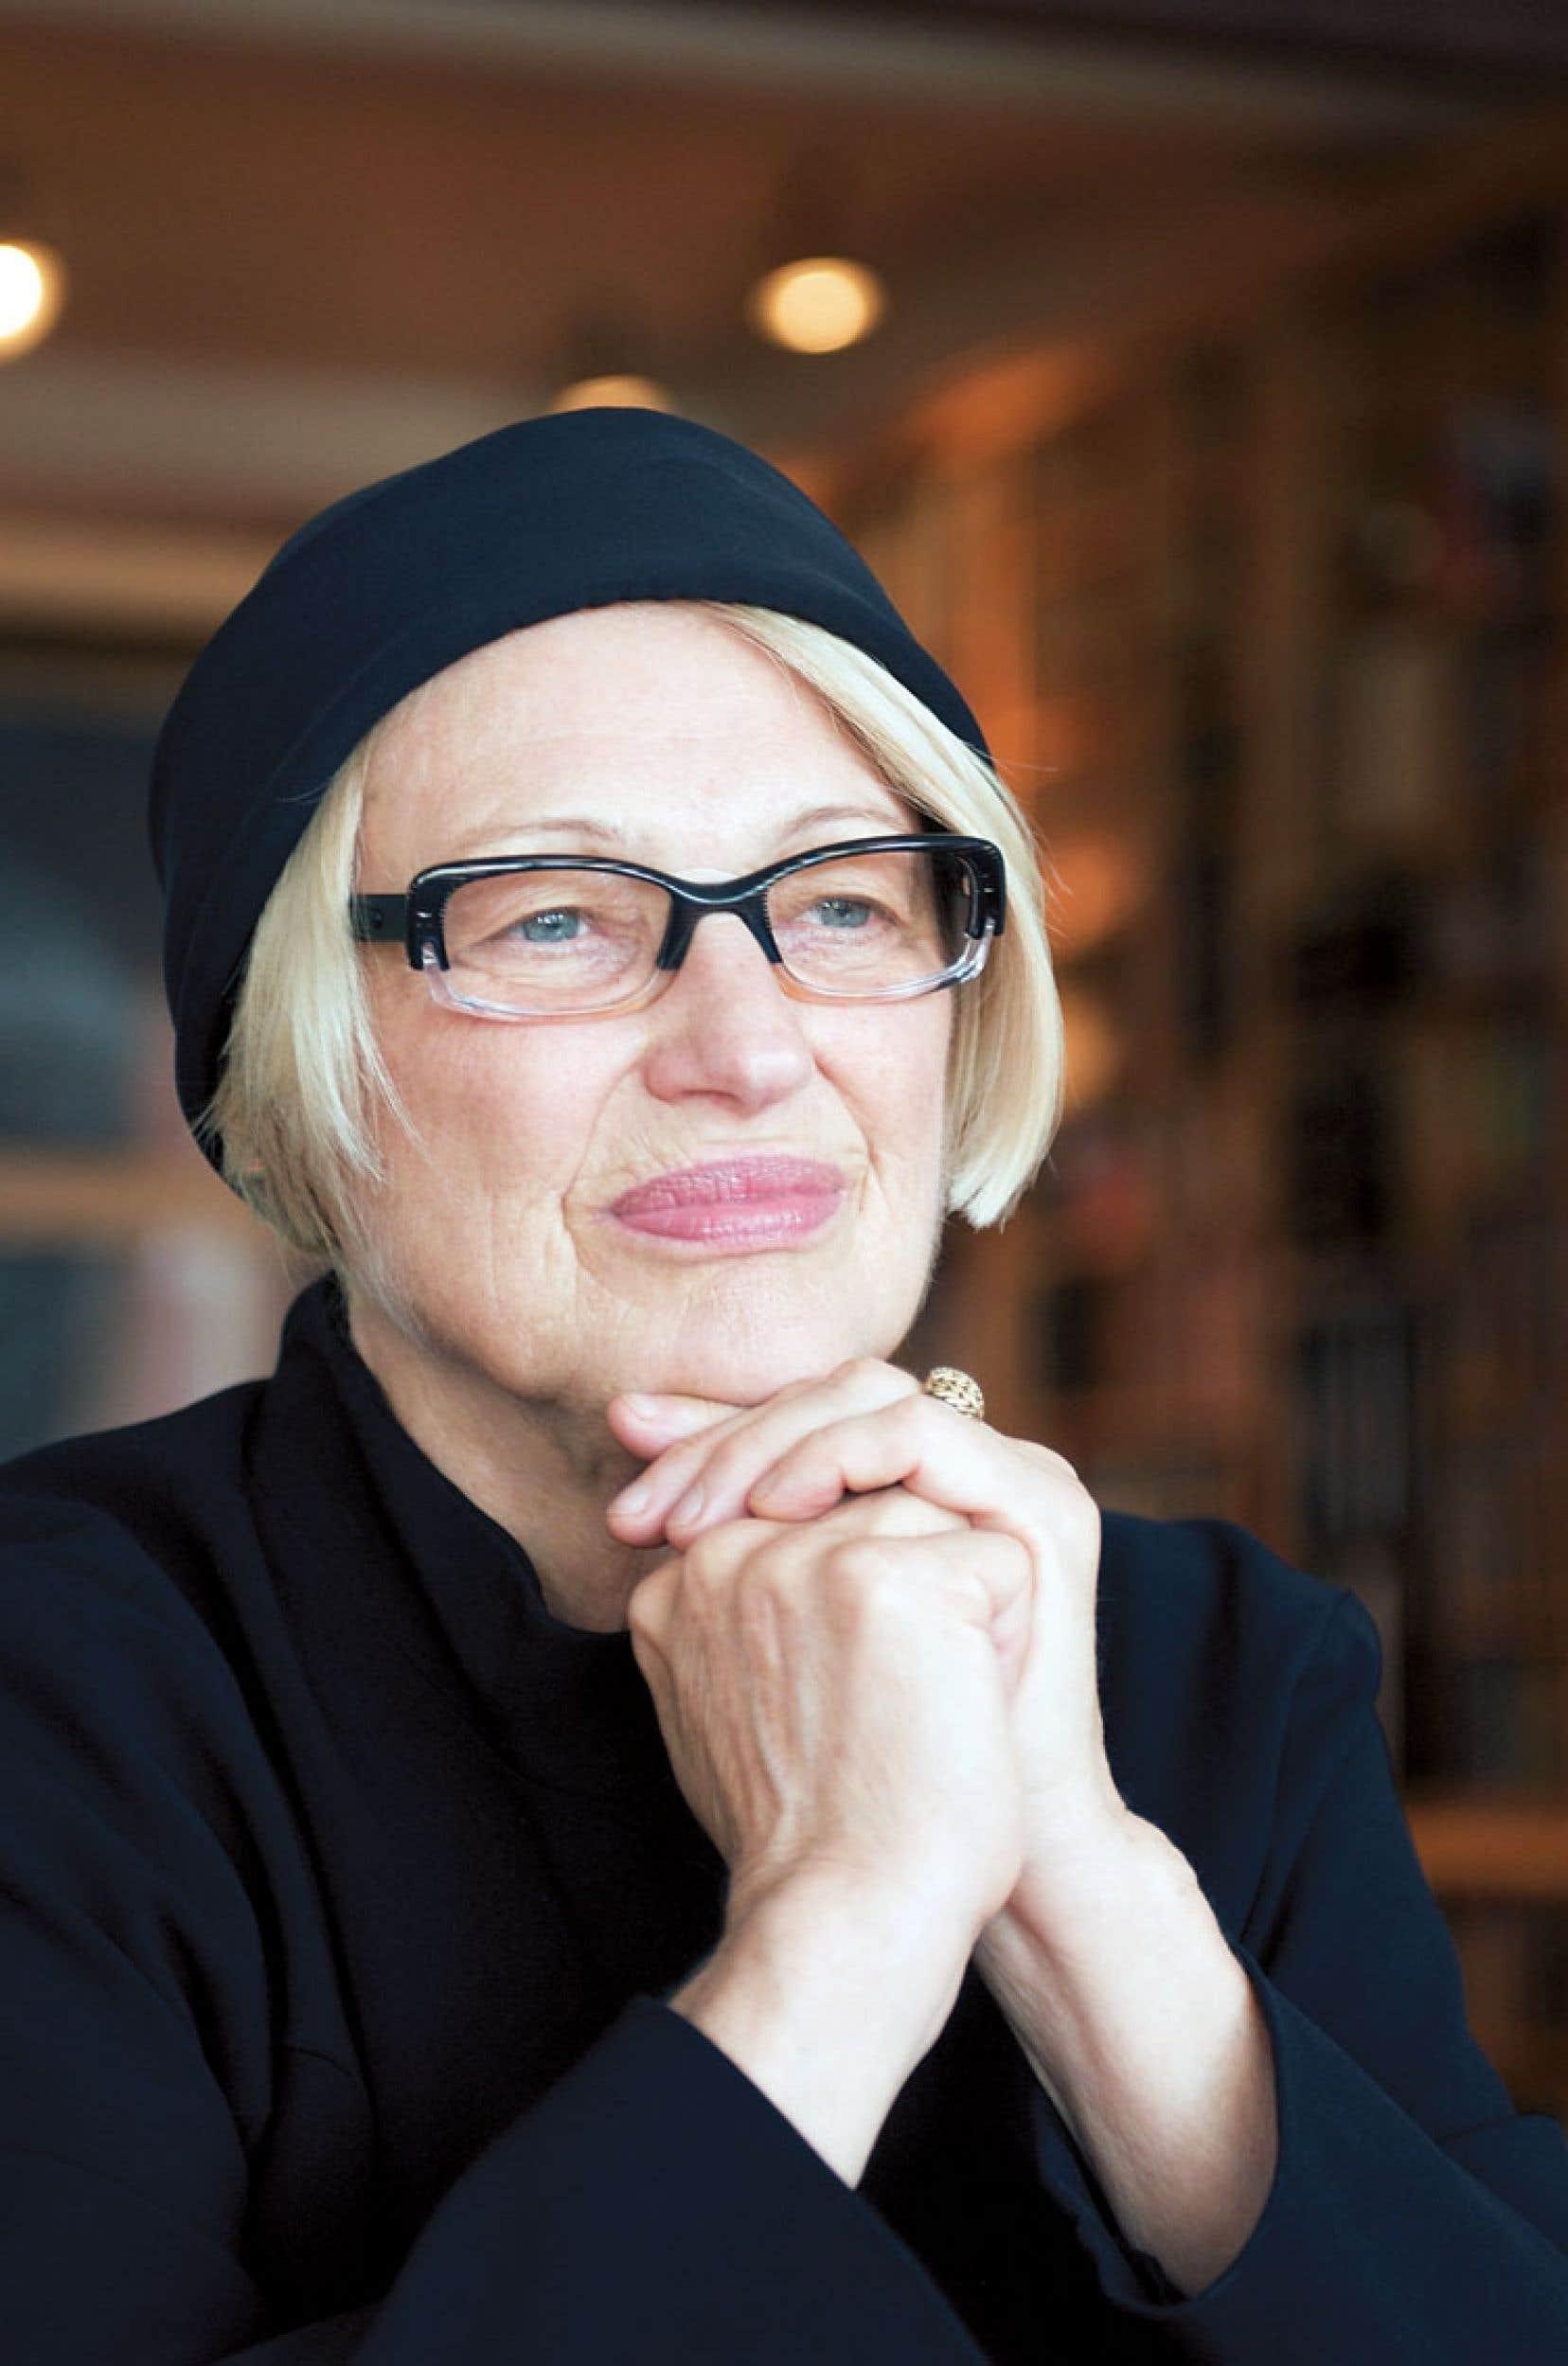 « Pour la première fois, dit-elle, une œuvre me montre une direction. La réapparition de Room 901 s'est faite hors de mon contrôle », affirme Irene F. Whittome.